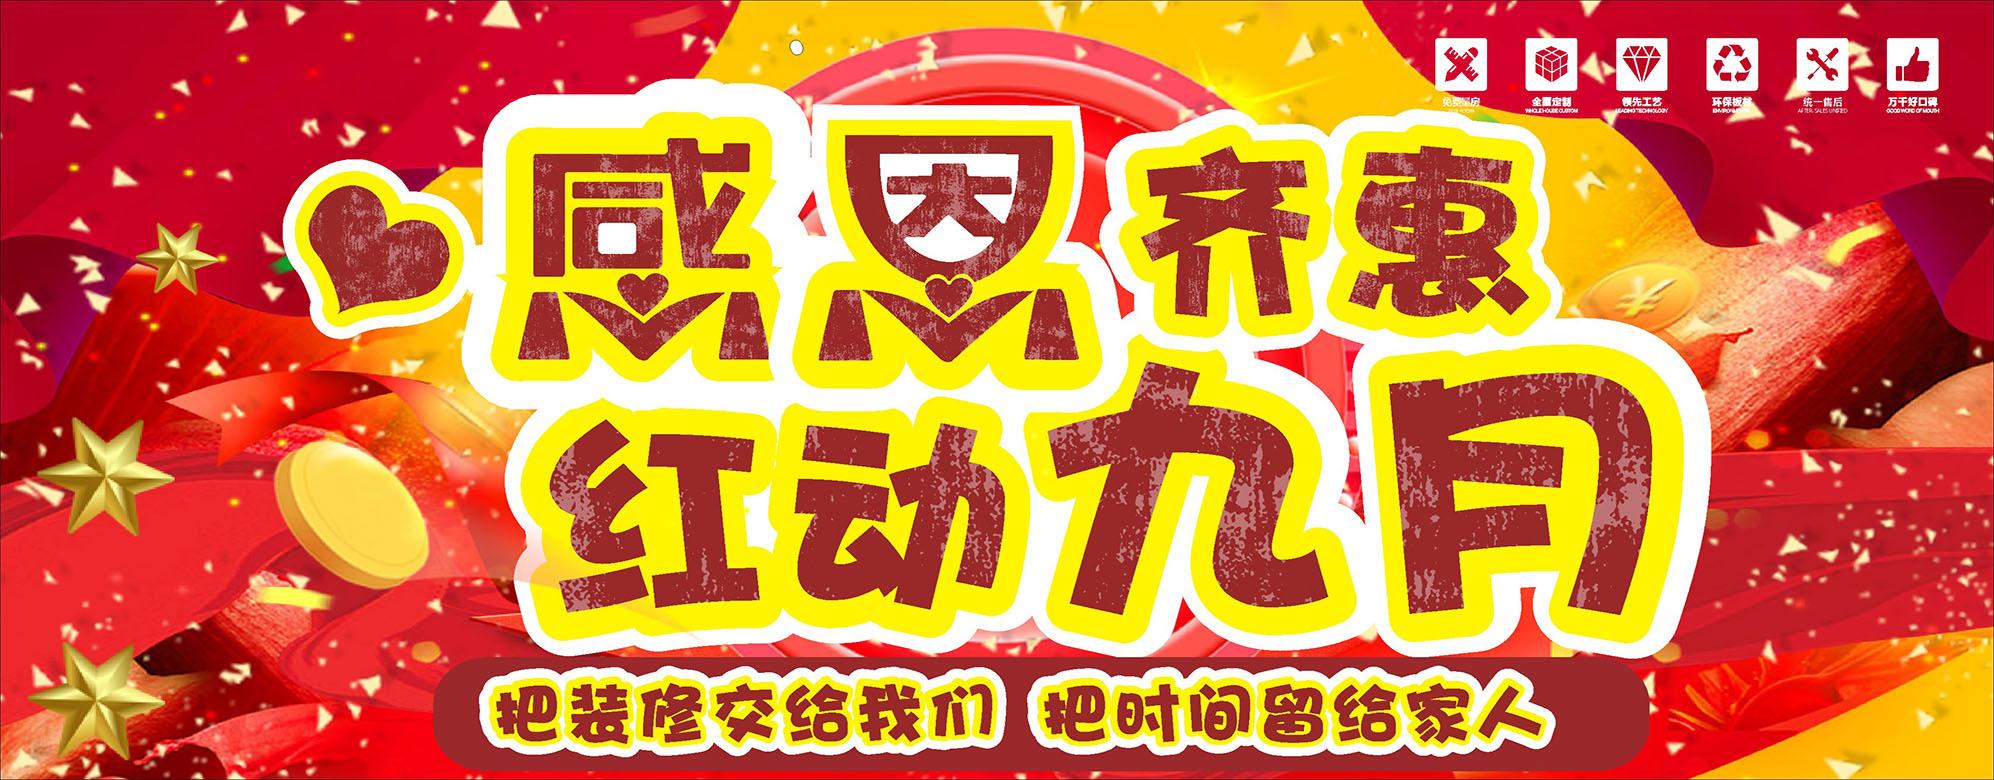 【天鹅湖装饰】感恩齐惠,红动九月惊喜每一家